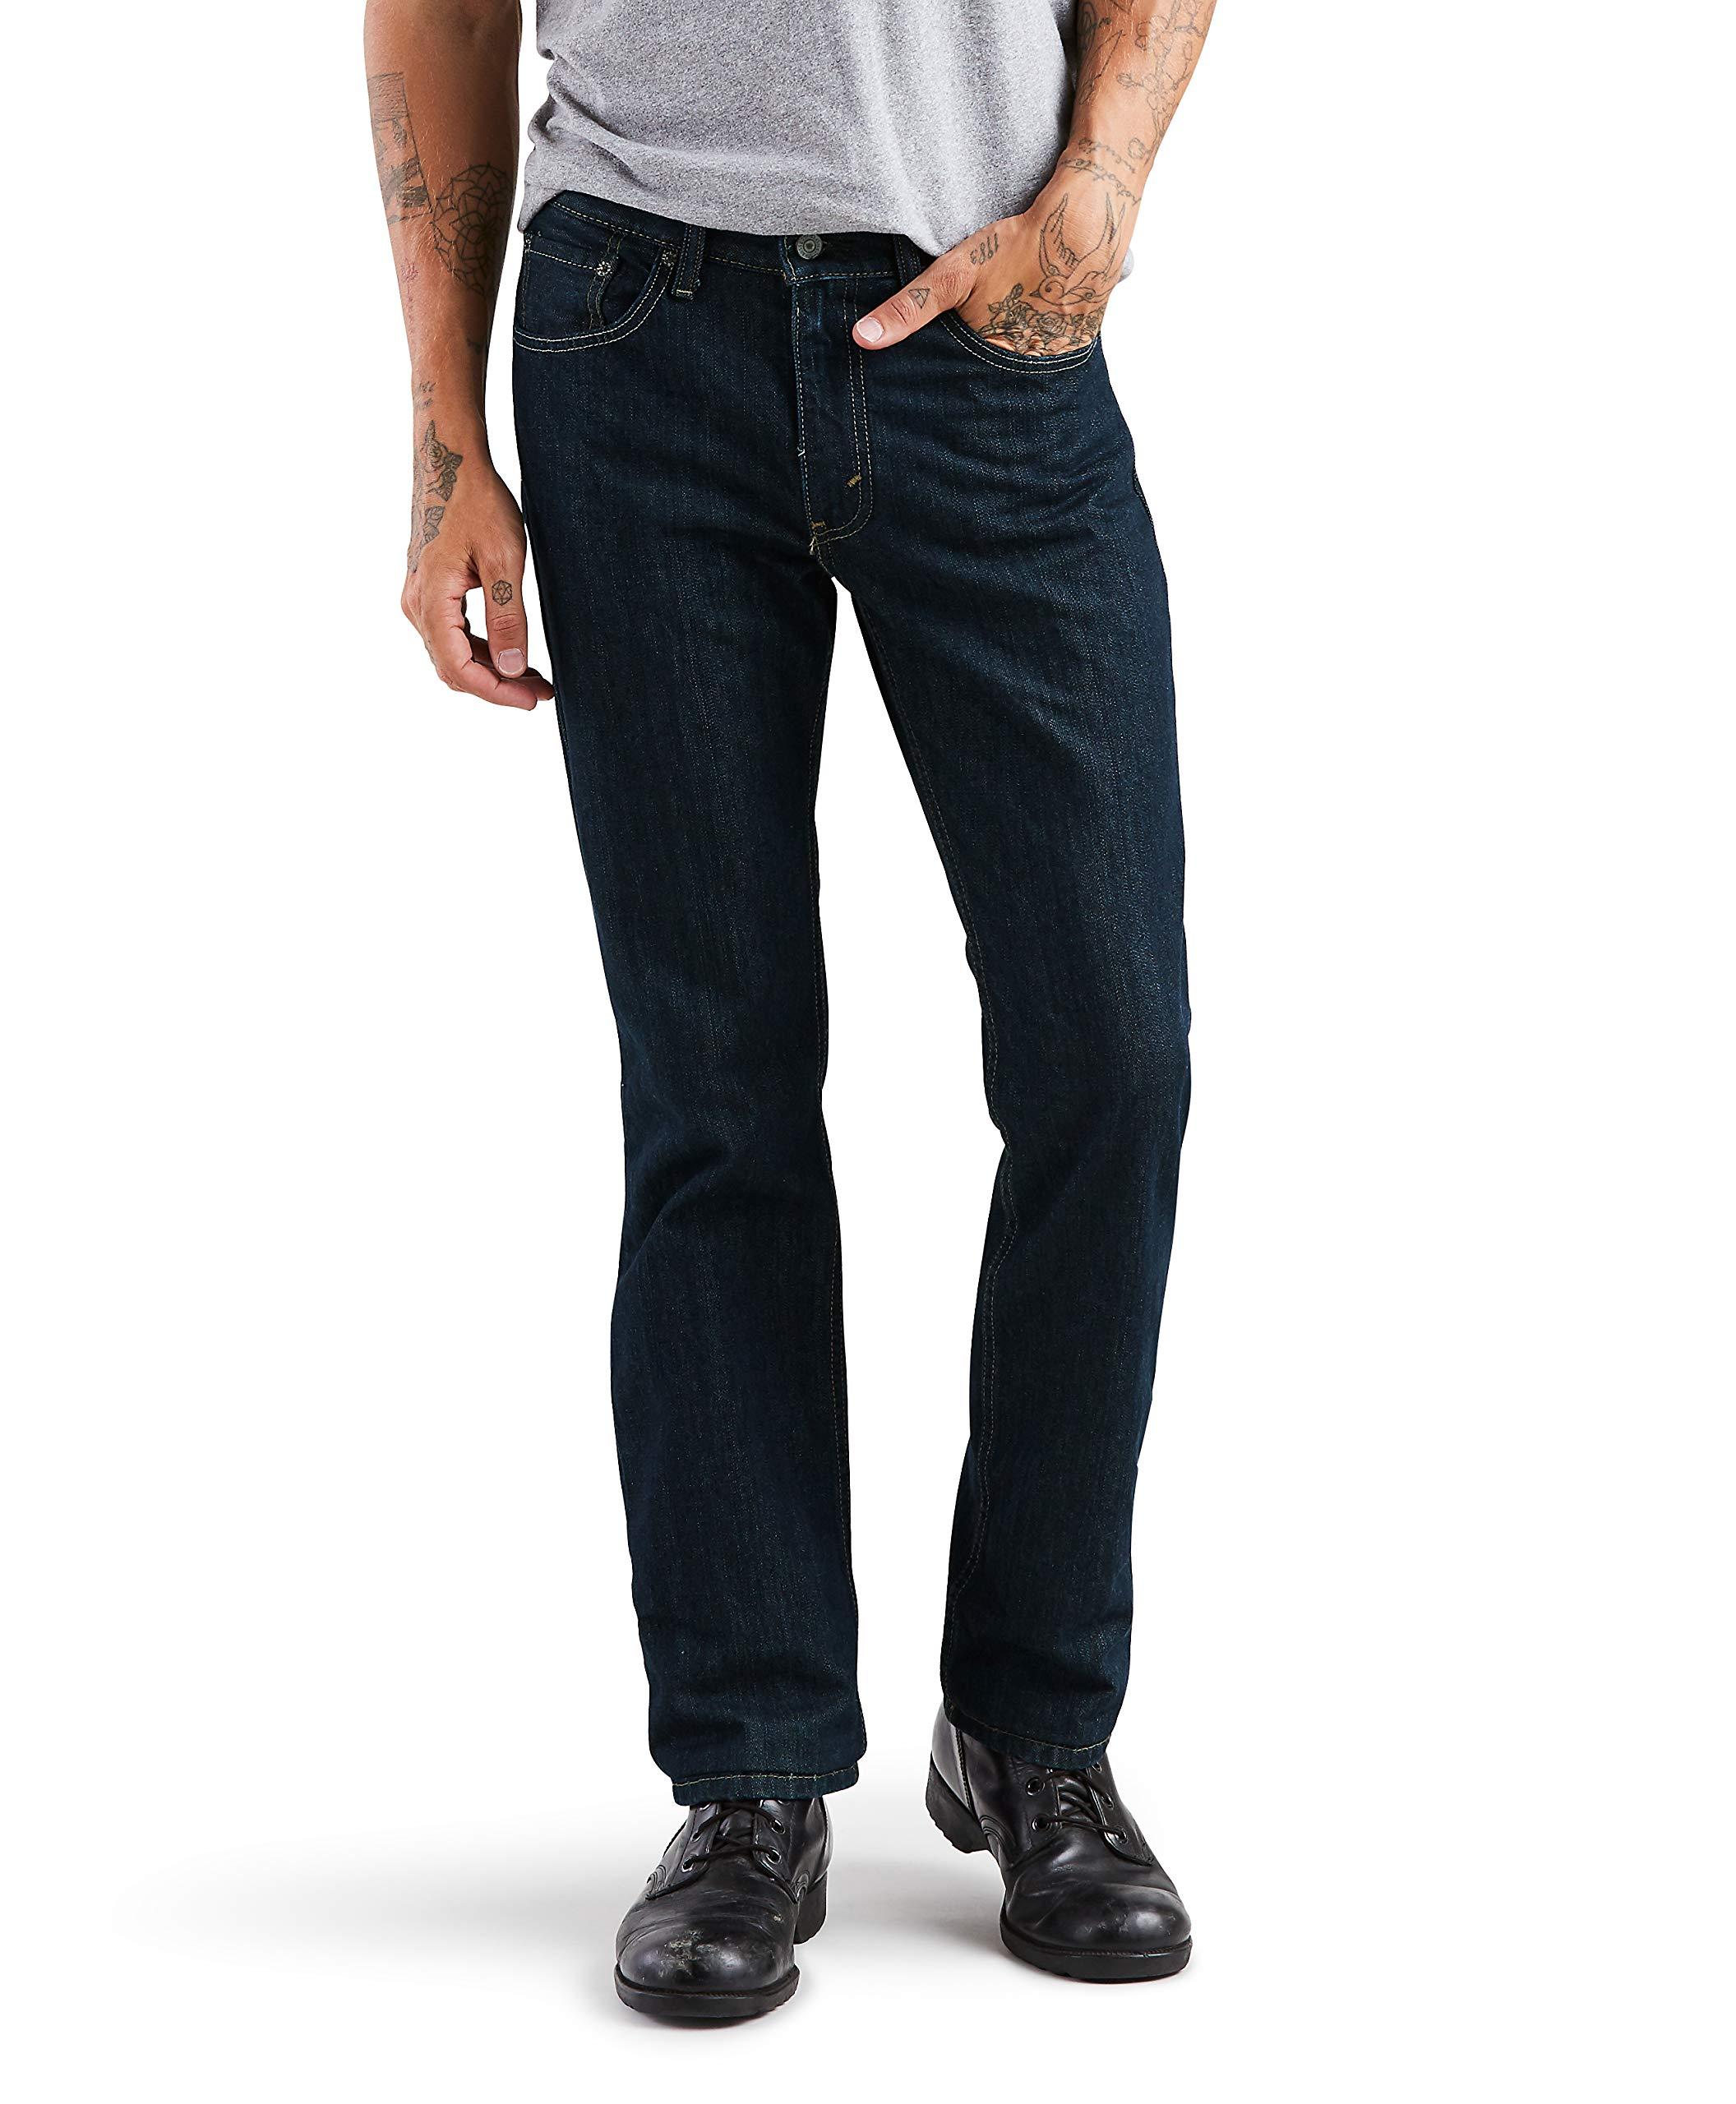 Levi's Men's 514 Straight fit  Jean, Tumbled Rigid, 34x36